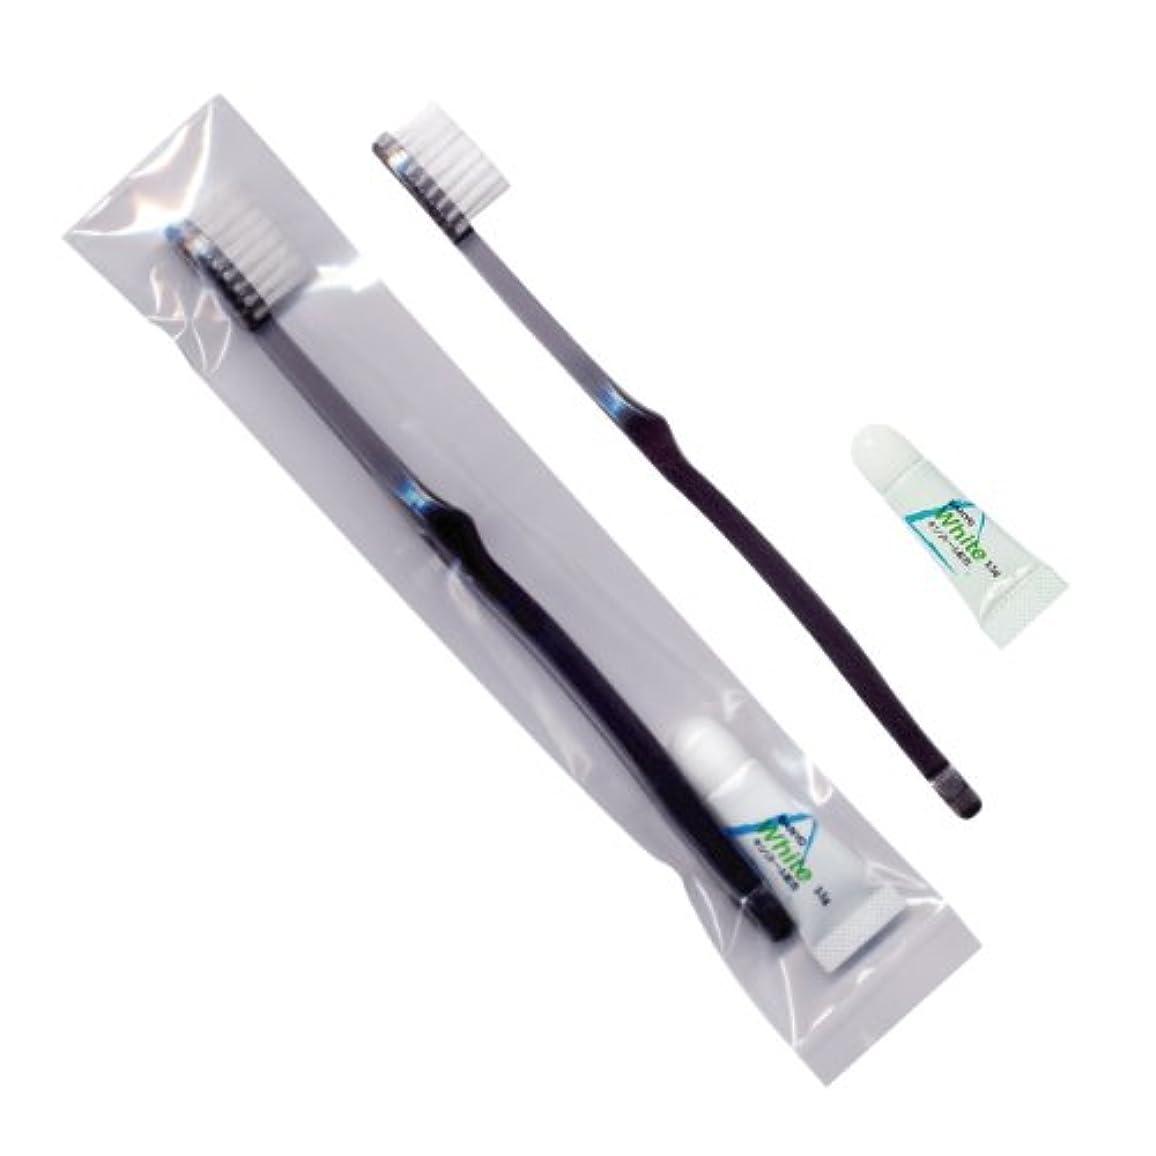 モバイル永遠の予備ホテル業務用歯ブラシ28穴(スモーク)3.5gチューブ OP袋Sタイプ 500本